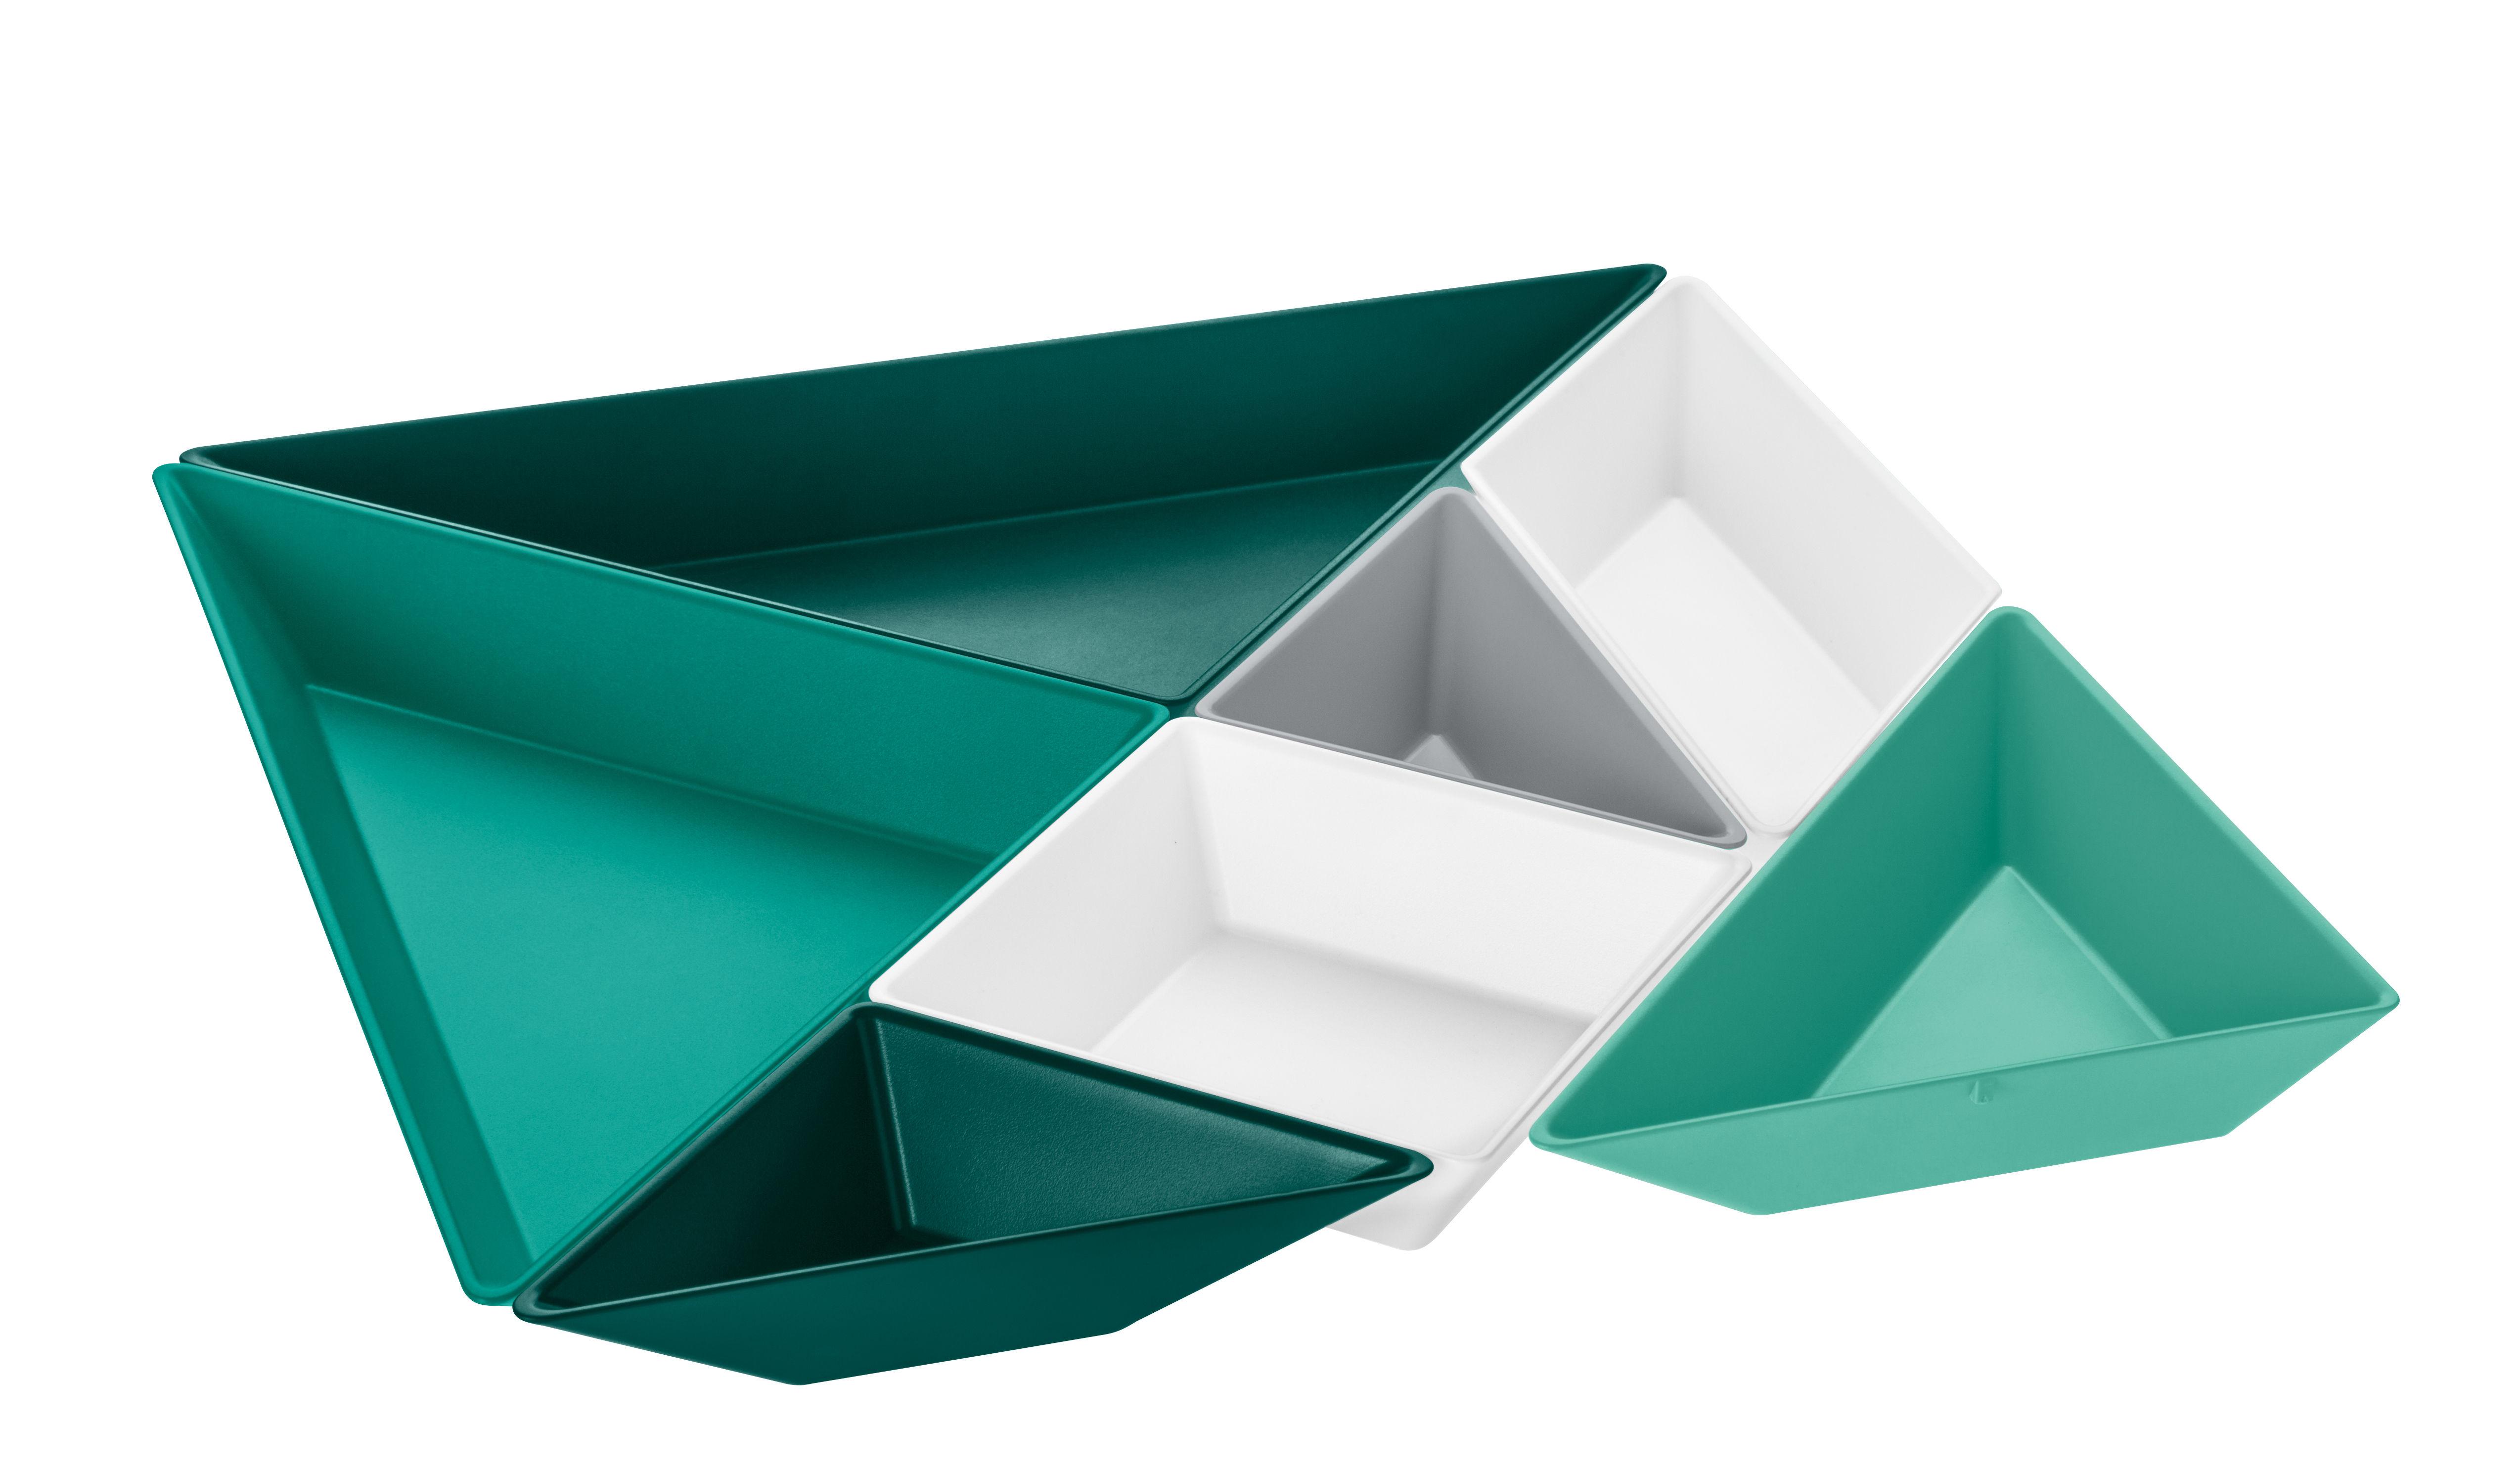 Arts de la table - Saladiers, coupes et bols - Set apéritif Tangram Ready / 7 coupelles - Koziol - Tons verts - Plastique